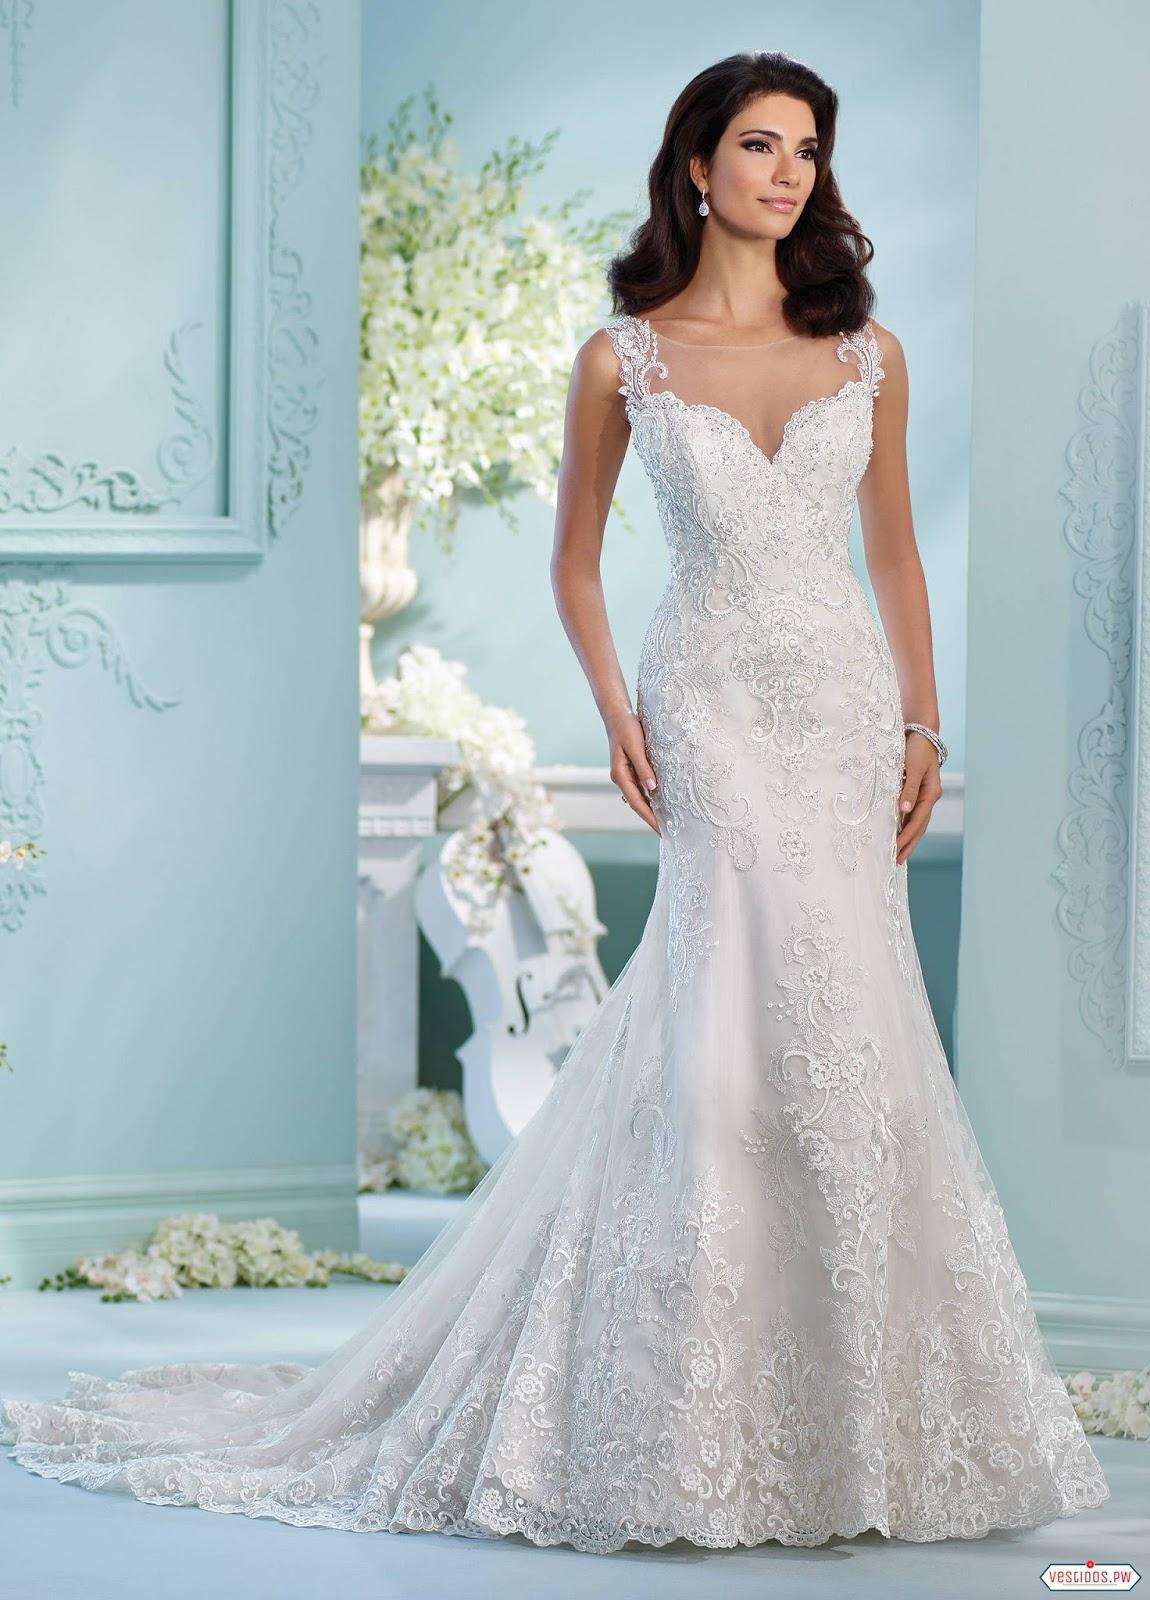 Unique Vestidos De Novia De Encaje Composition - All Wedding Dresses ...